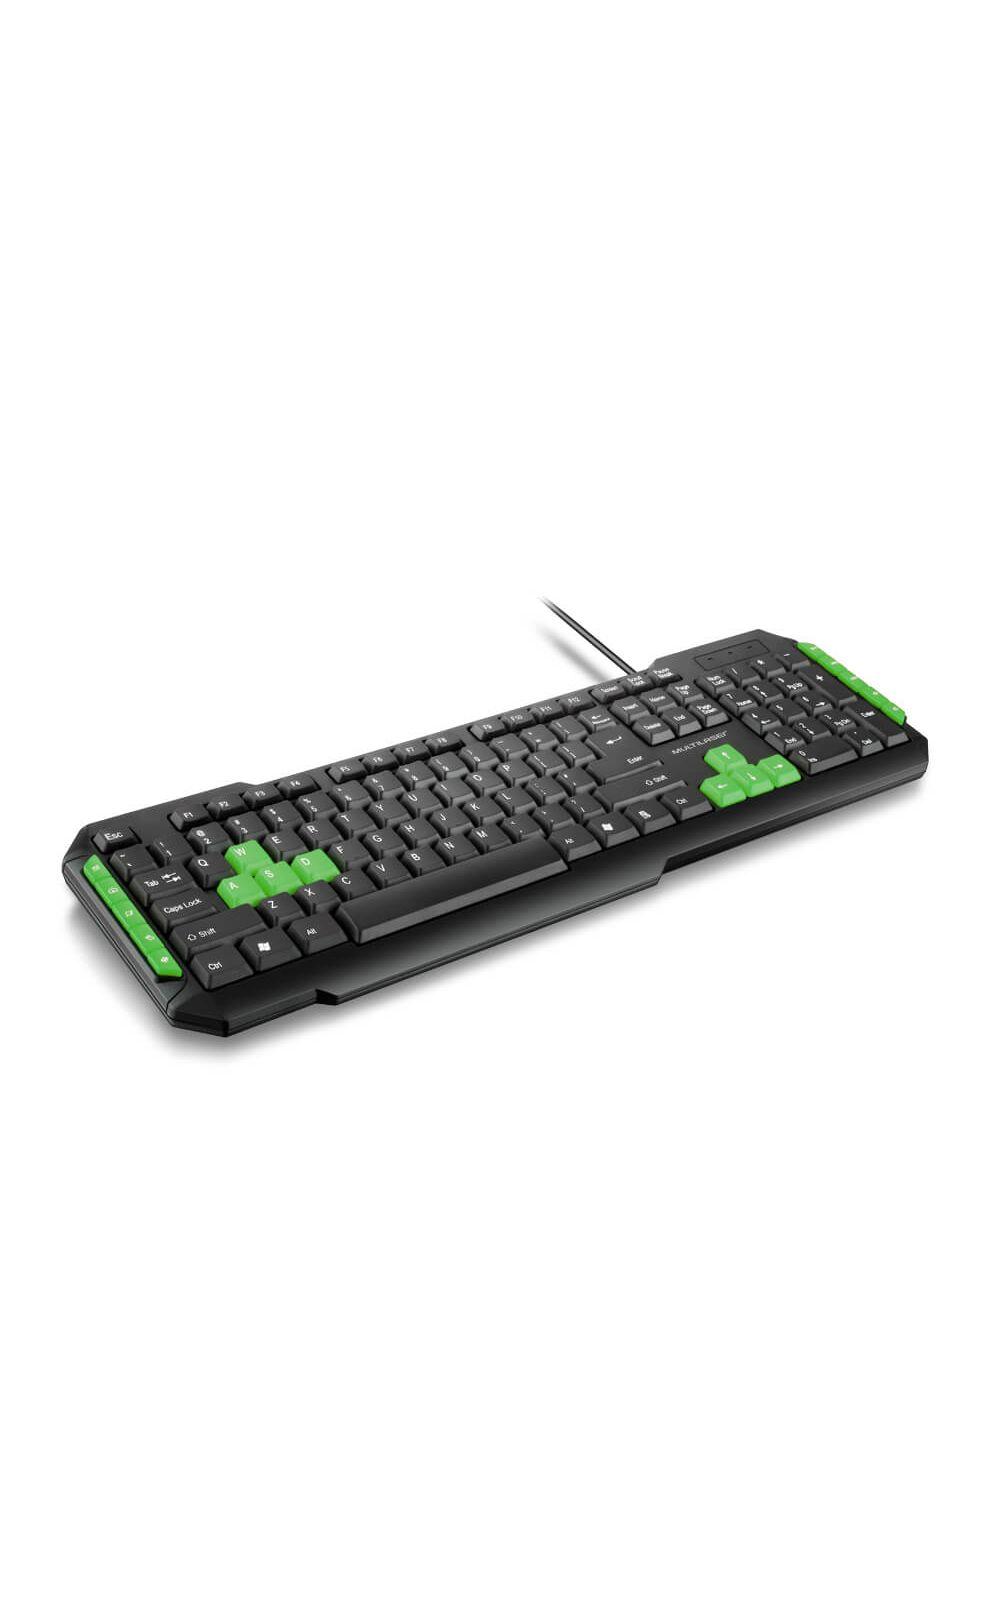 Foto 2 - Teclado Gamer Com Hotkeys Multimidia Preto/Verde Multilaser - TC201